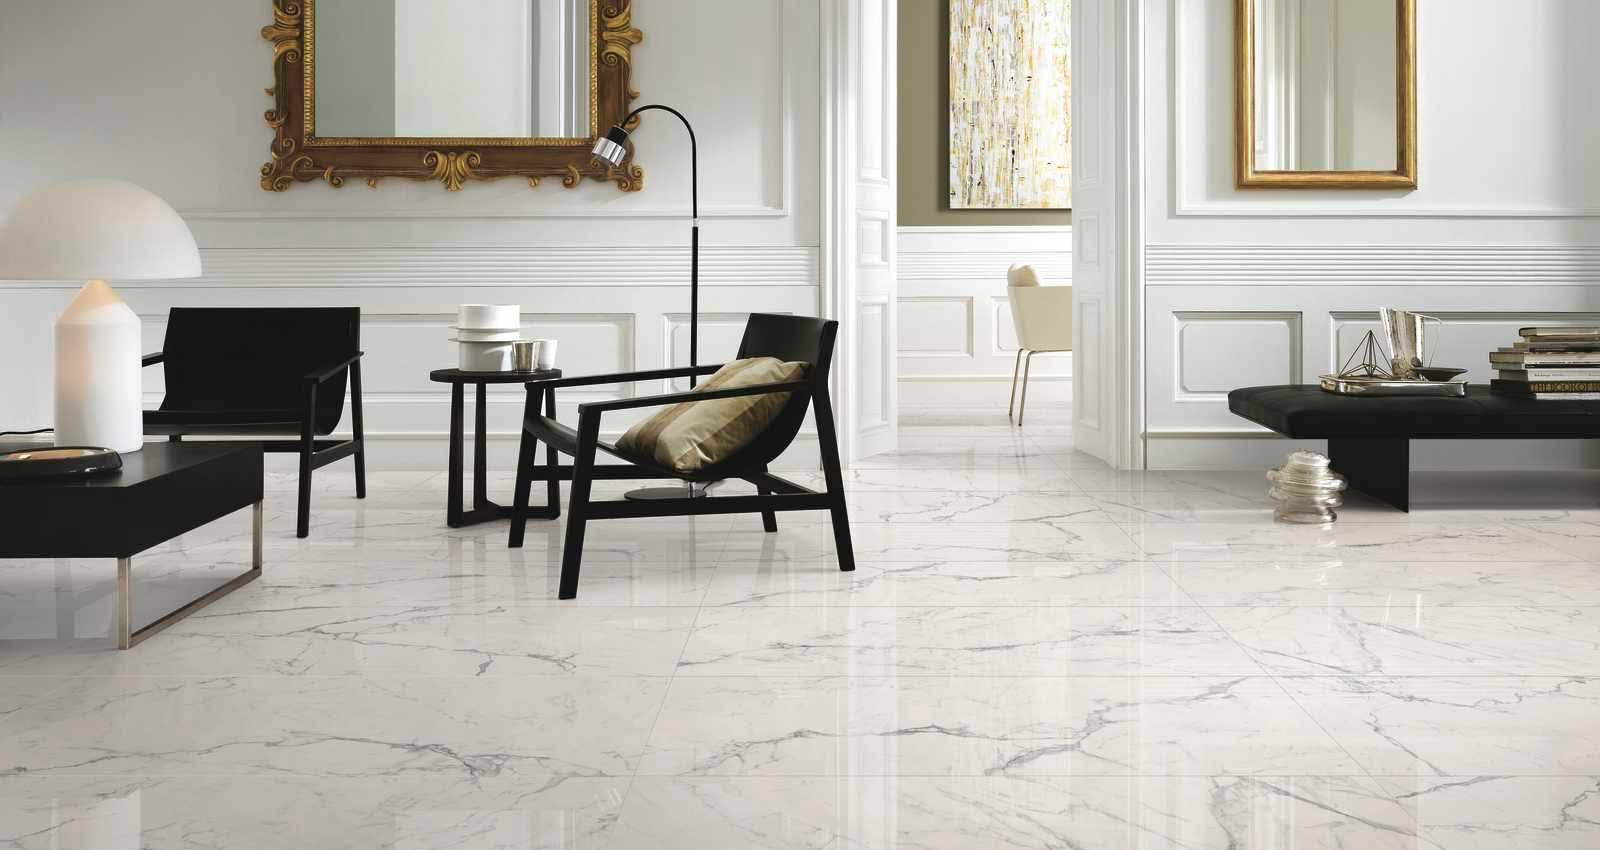 Gres Porcellanato Effetto Marmo Difetti nuova casa: quale pavimento scegliere - ristrutturo.casa